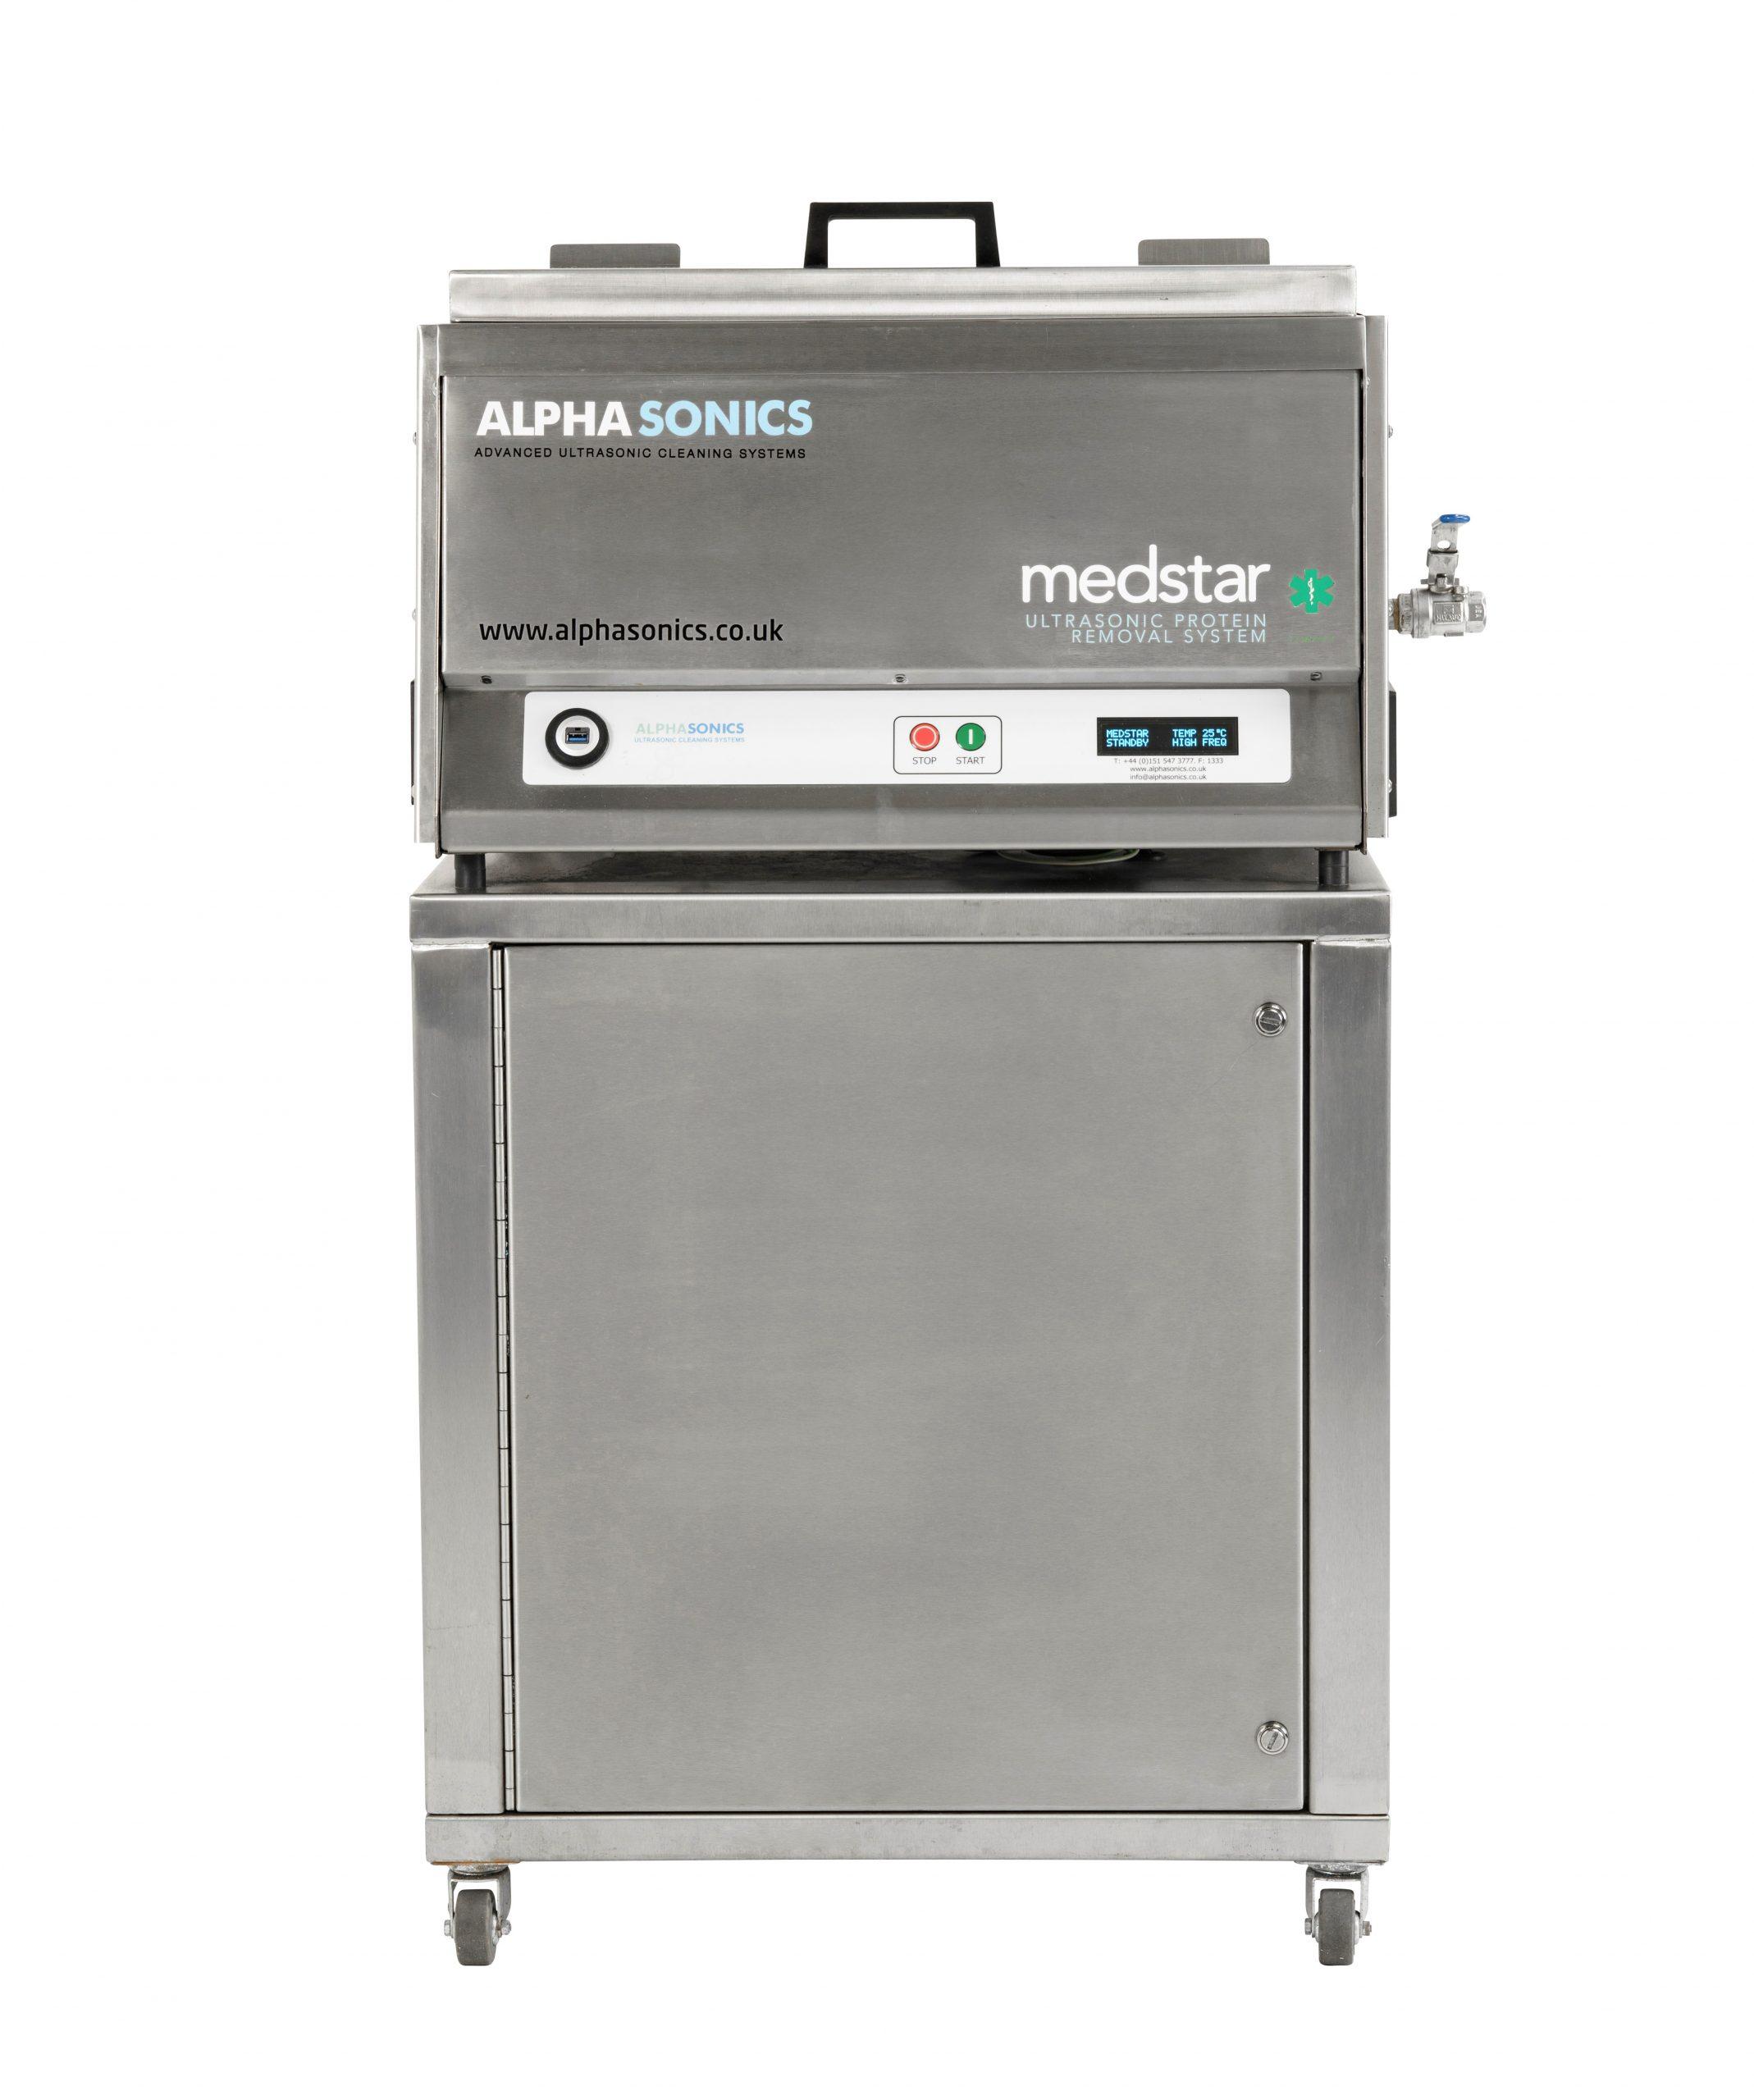 Medstar_Compact_008c